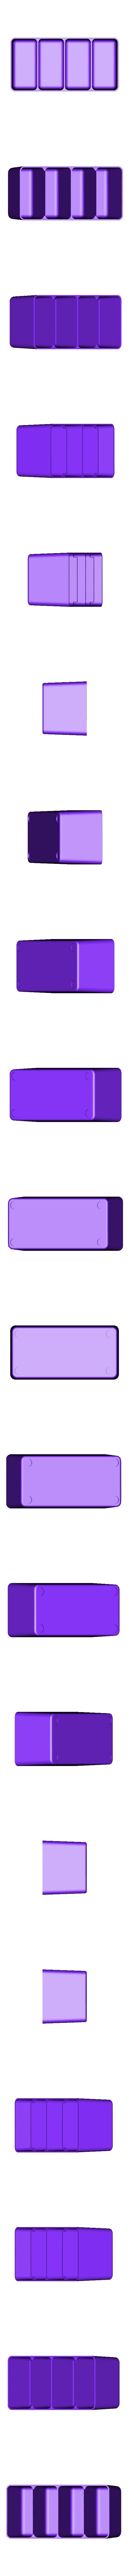 1-2__V3.stl Download STL file Allit Europlus organizer boxes • 3D printable model, baracuda86